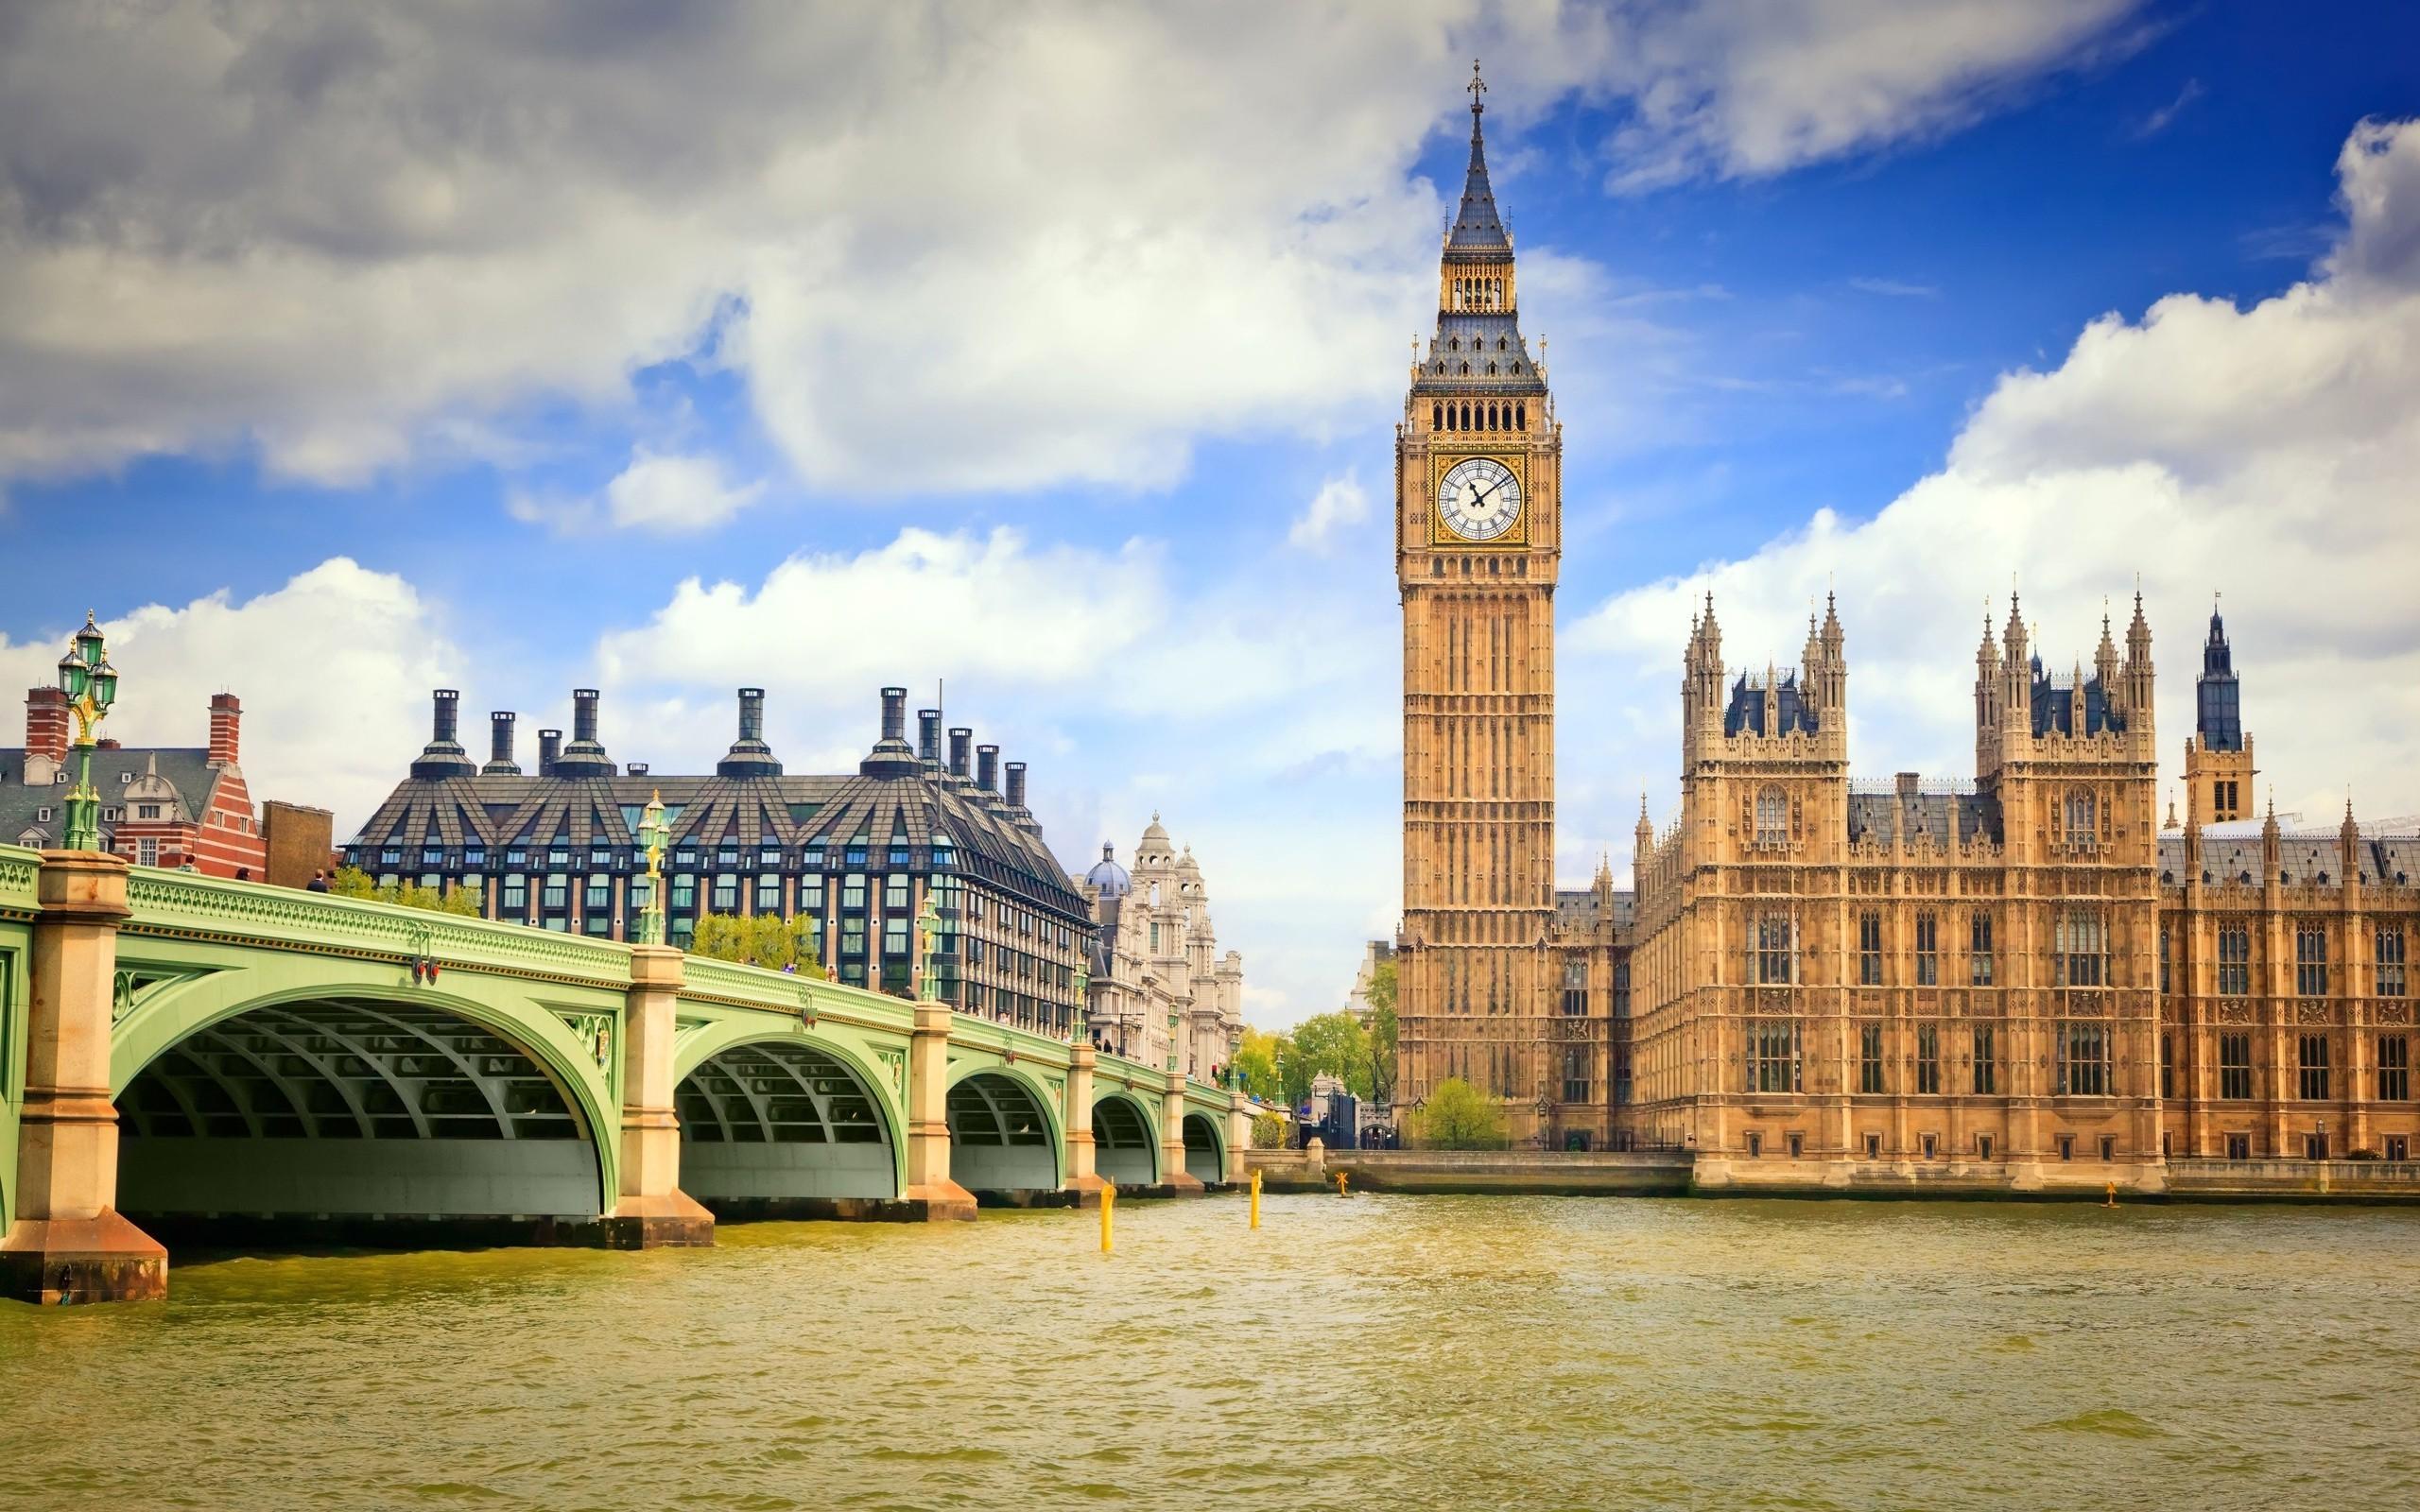 англия лондон биг бен картинки такой